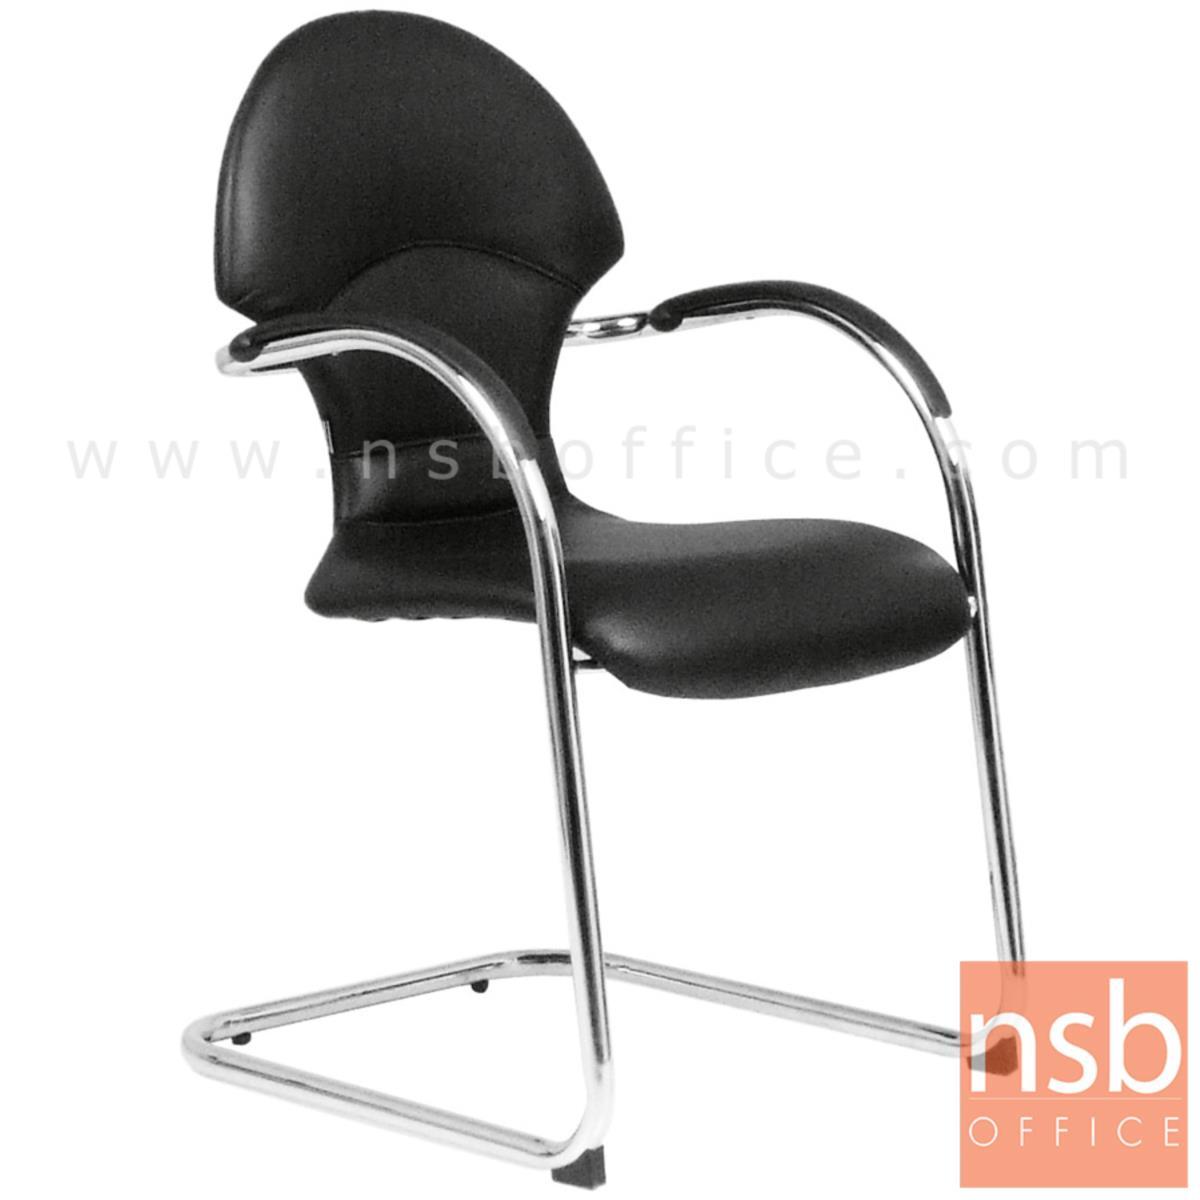 B04A133:เก้าอี้รับแขกขาตัวซี  รุ่น LG 1/GM  ขาอลูมิเนียม